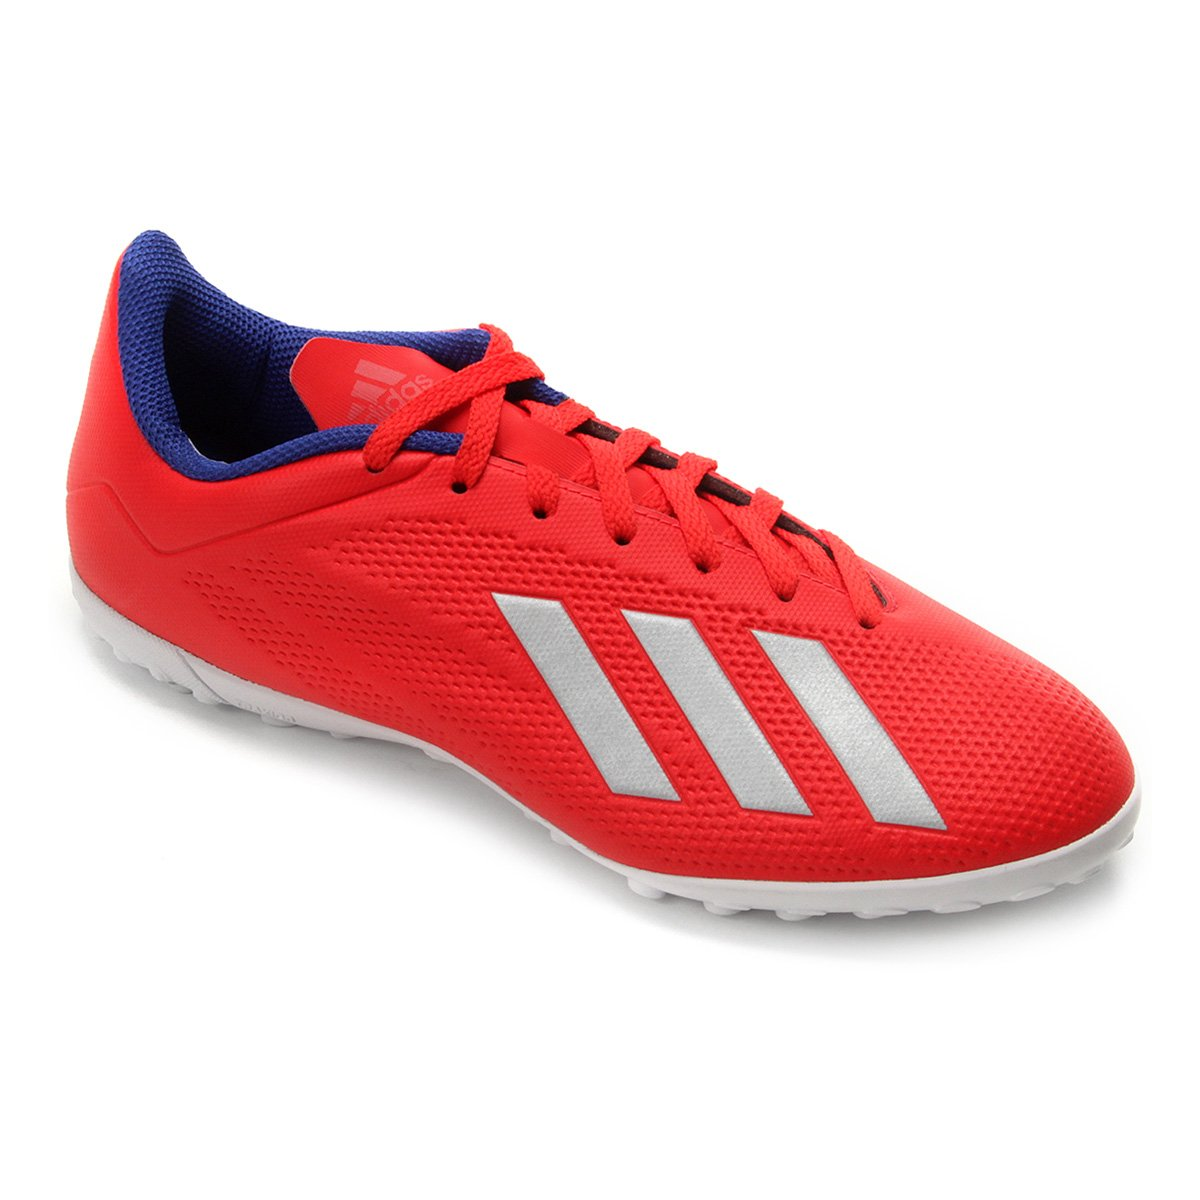 new product 38c3b d8d88 Chuteira Society Adidas X 18.4 TF - Vermelho e Prata